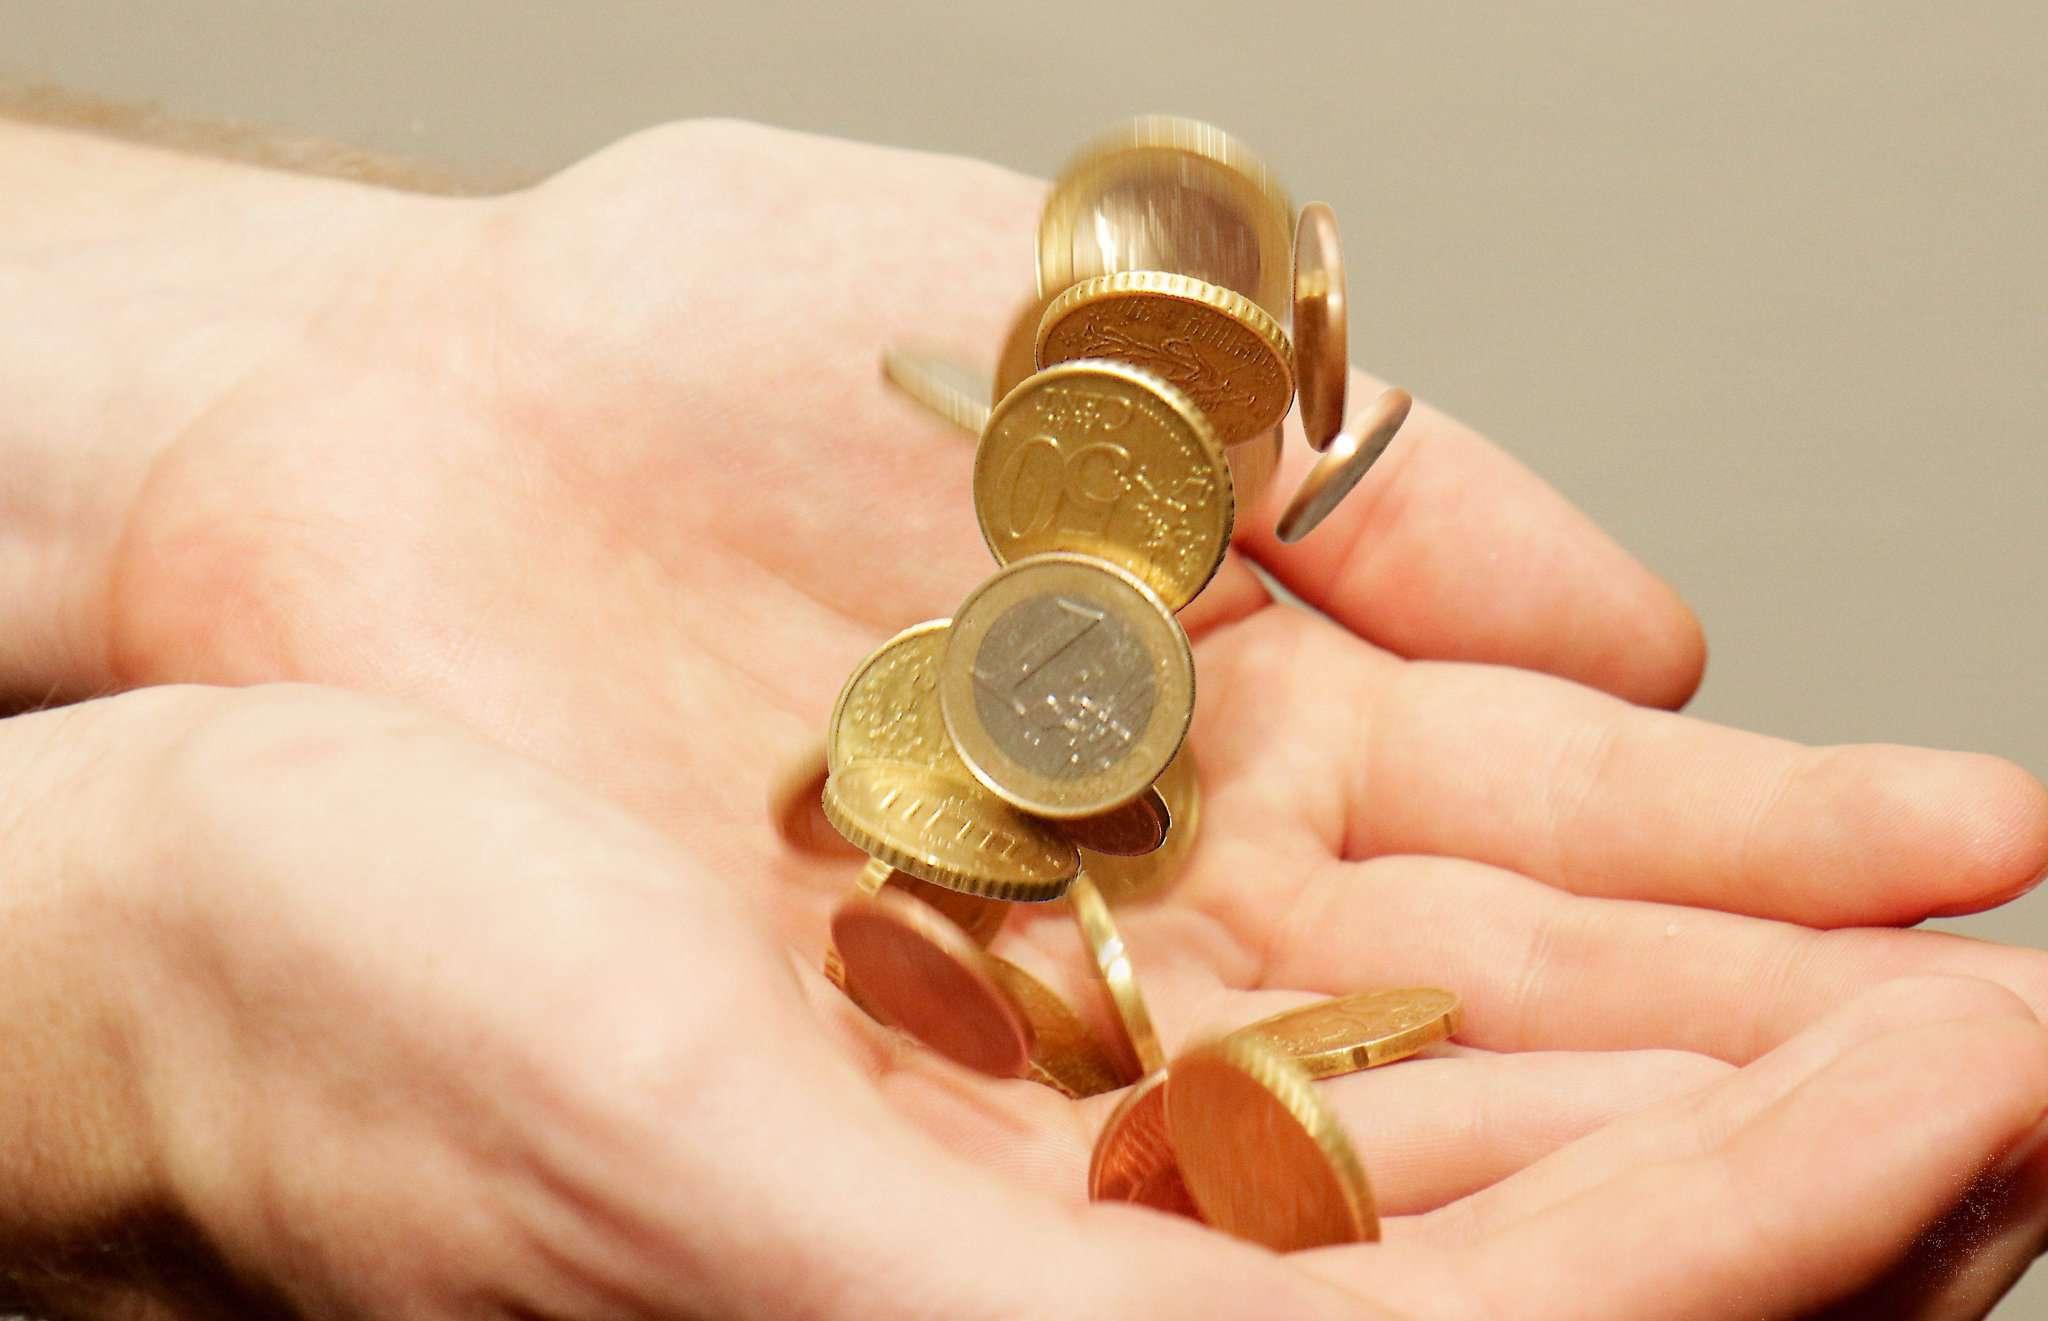 Bislang ist weder der Haushalt der Gemeinde Lauenbrück beschlossen, noch lässt sich sagen, wie sehr die finanzielle Situation der Gemeinde durch die Coronakrise belastet wird.